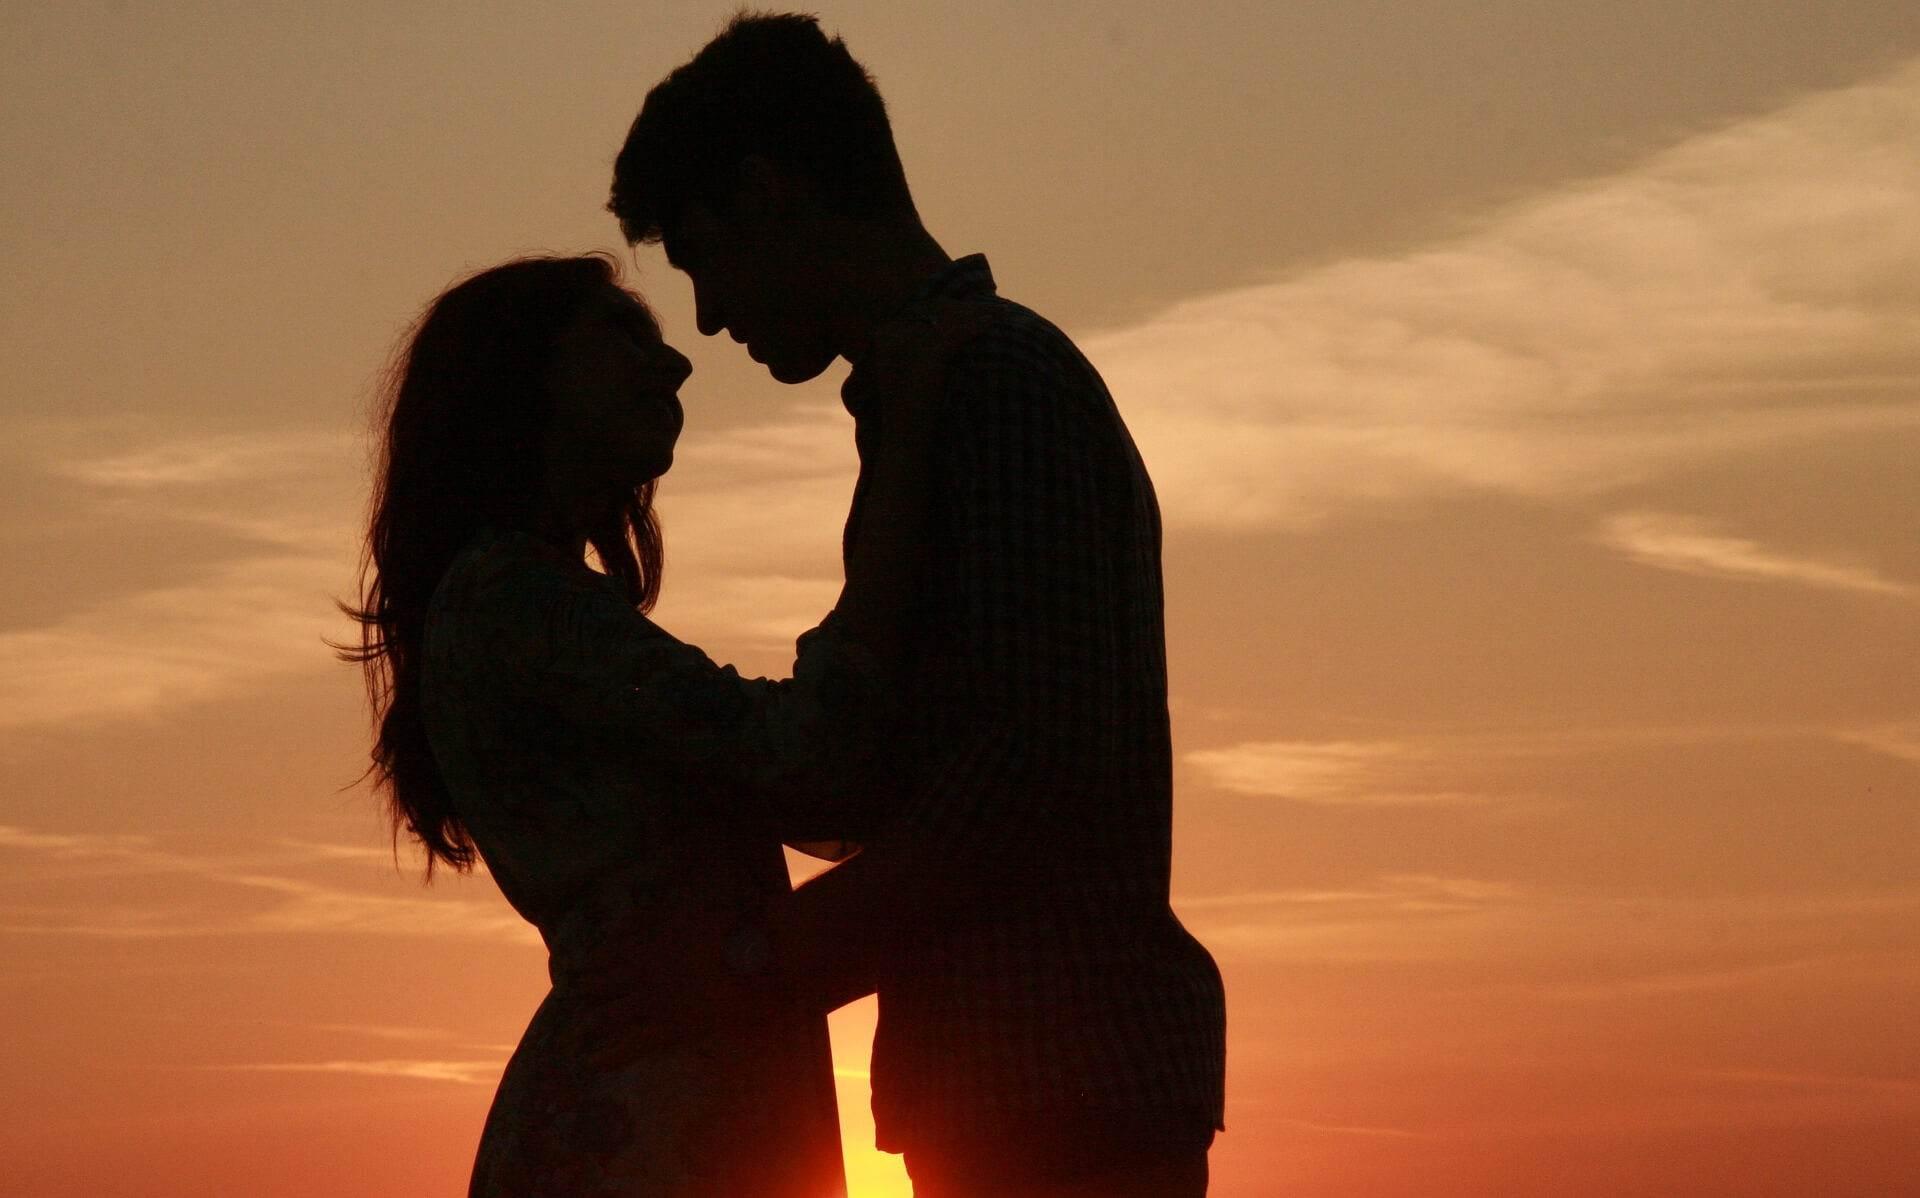 couple-915983_1920